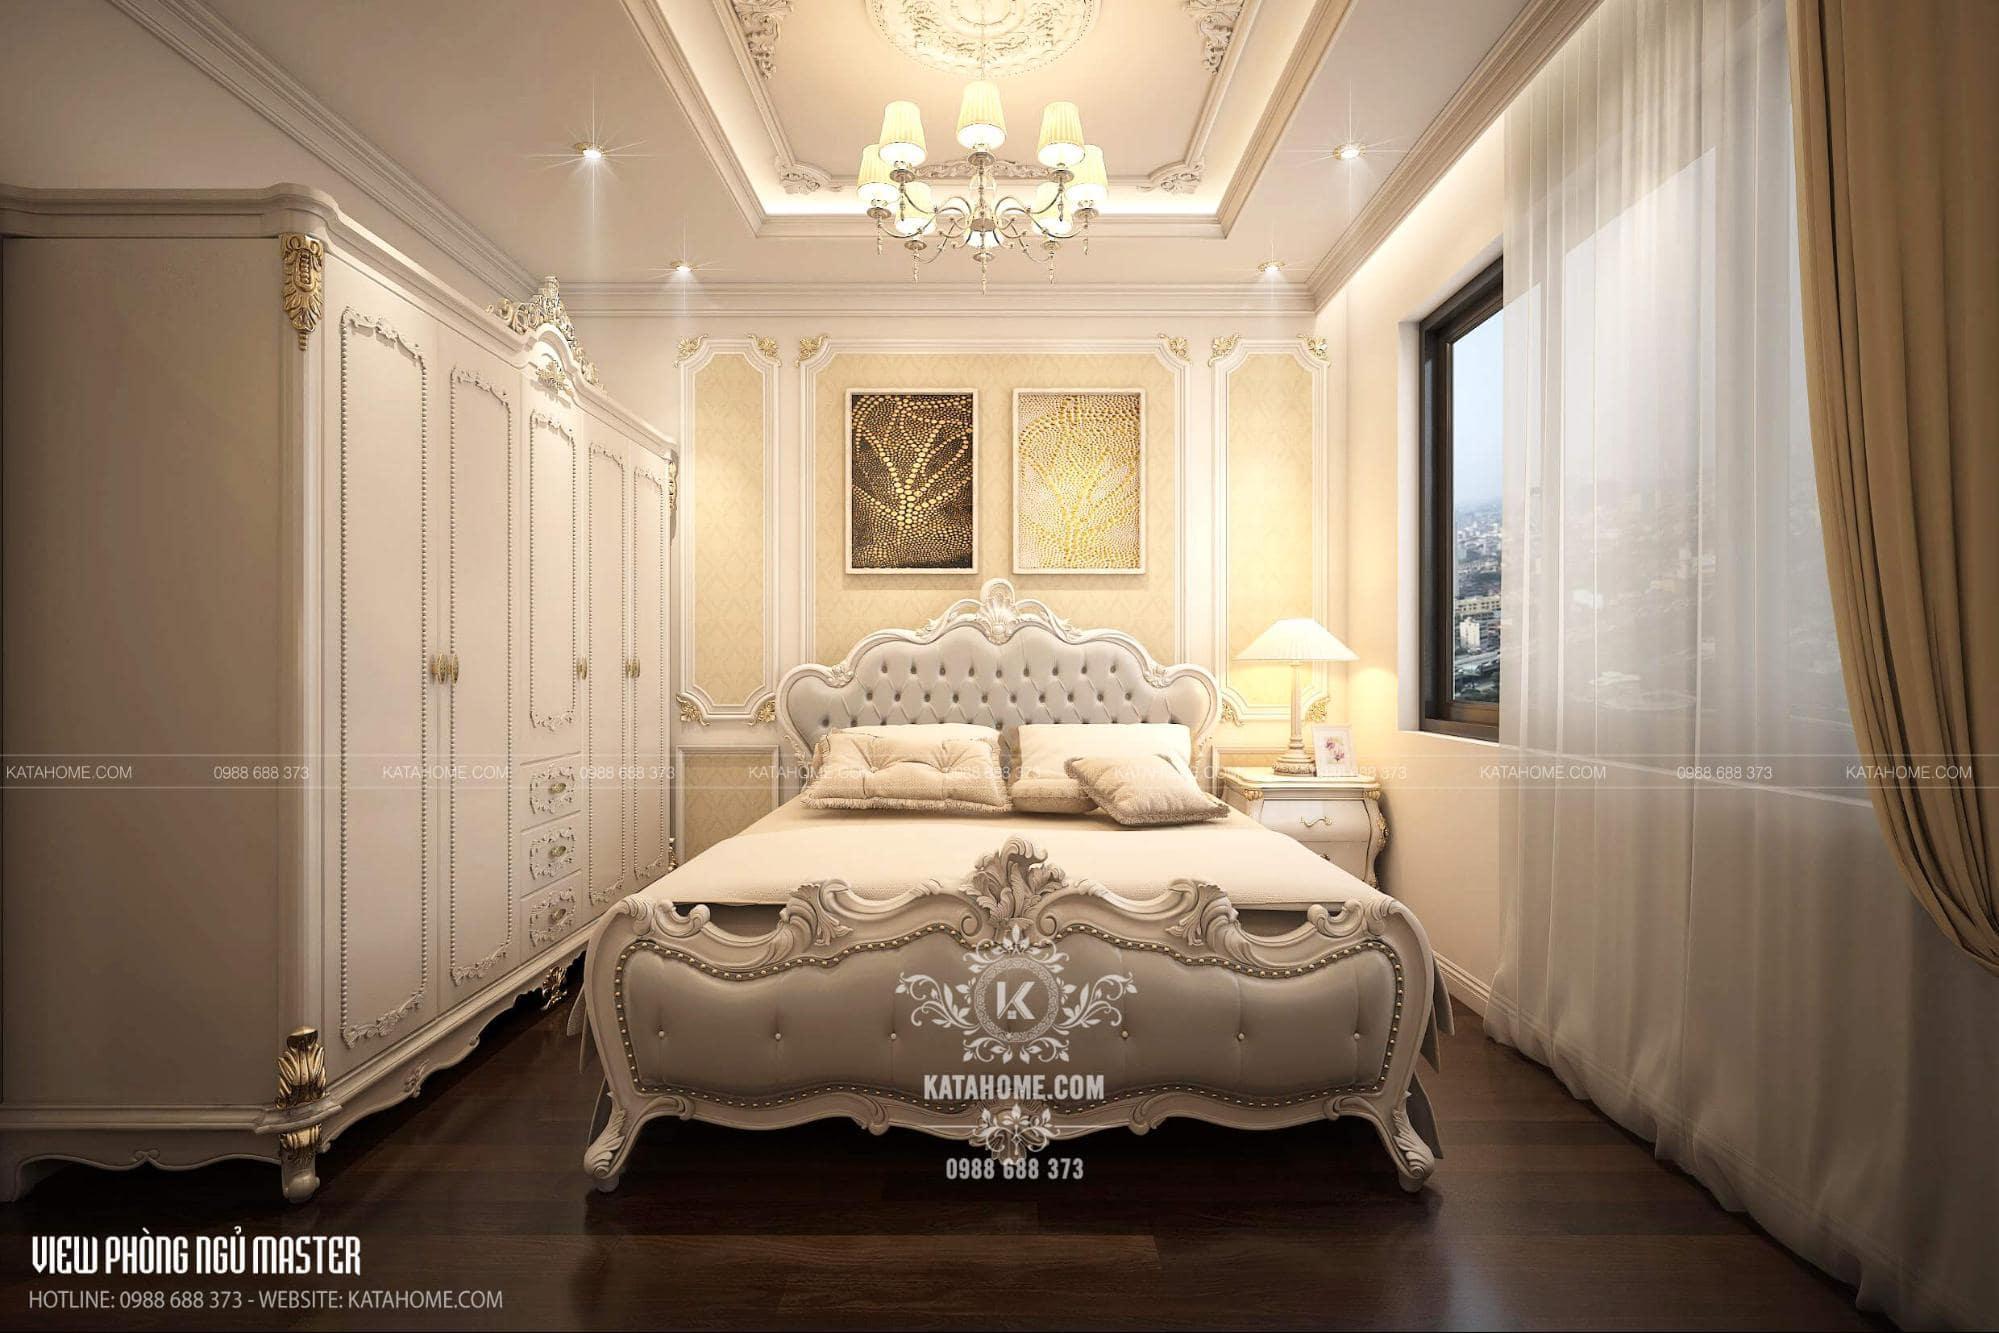 nội thất căn hộ chung cư 2 phòng ngủ